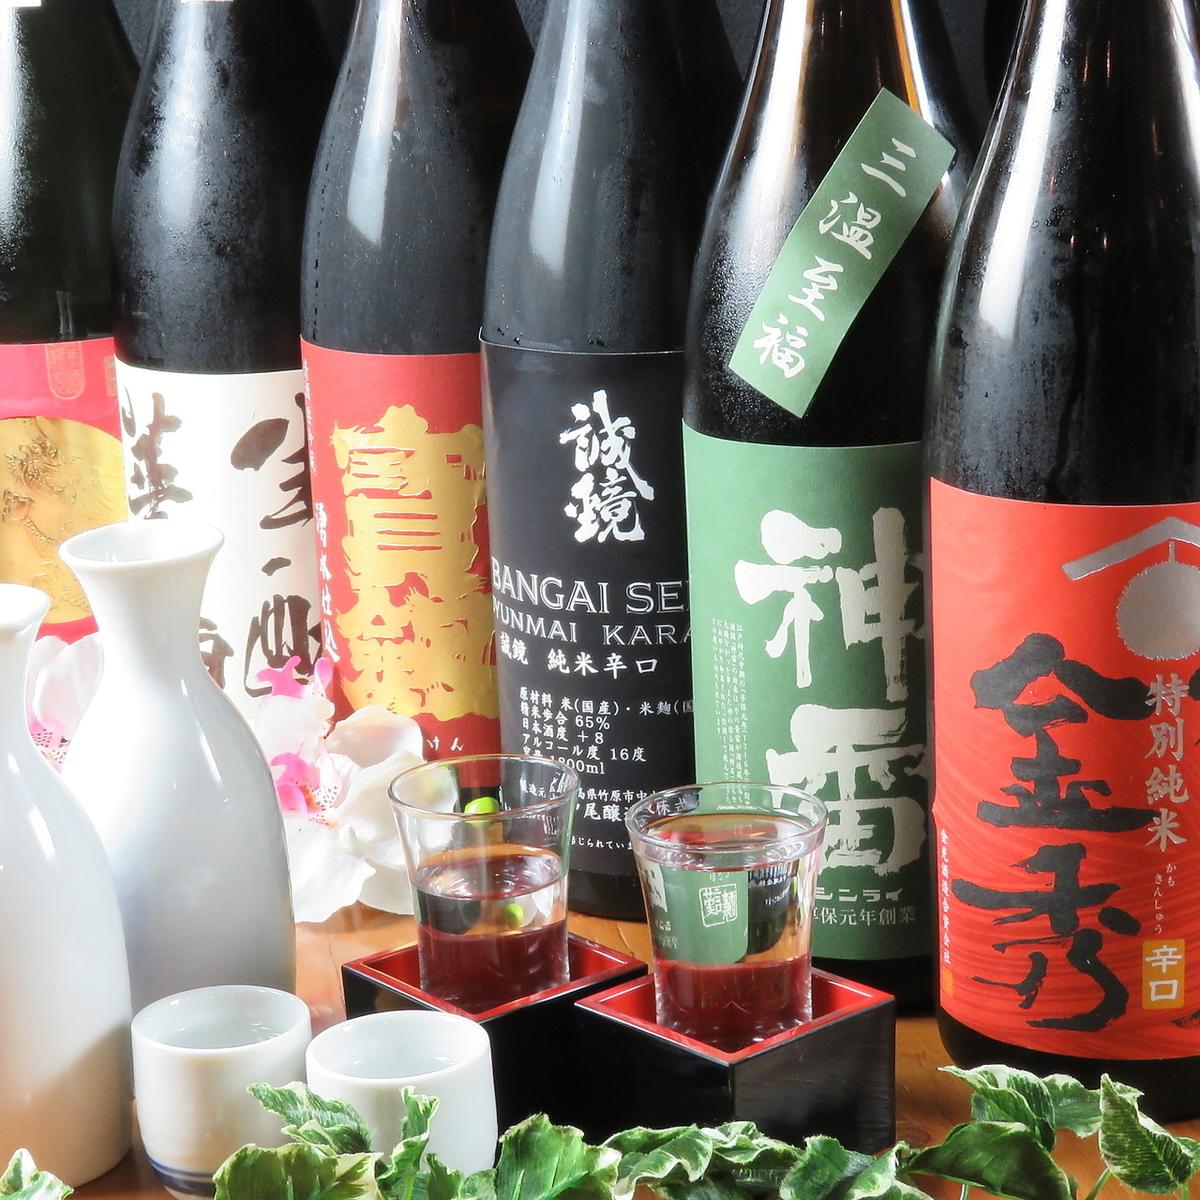 ■豐富多樣的廣島地區酒■